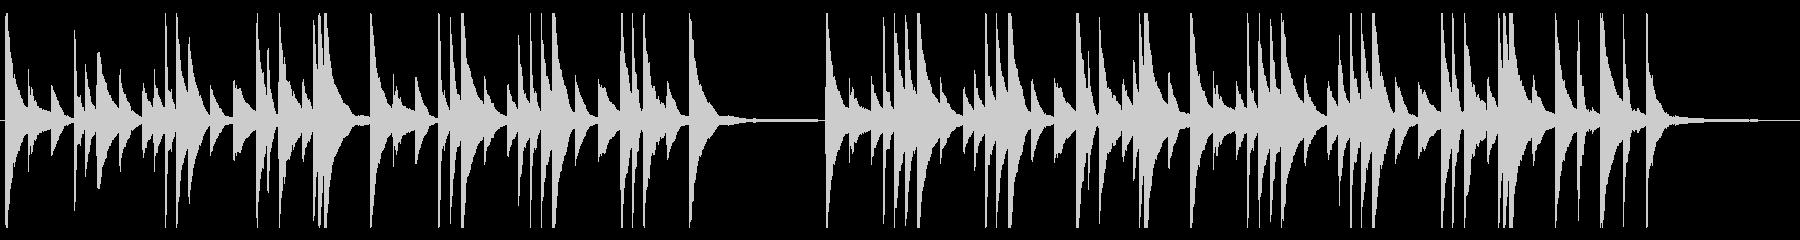 悲しいピアノの旋律が印象的なバラードの未再生の波形